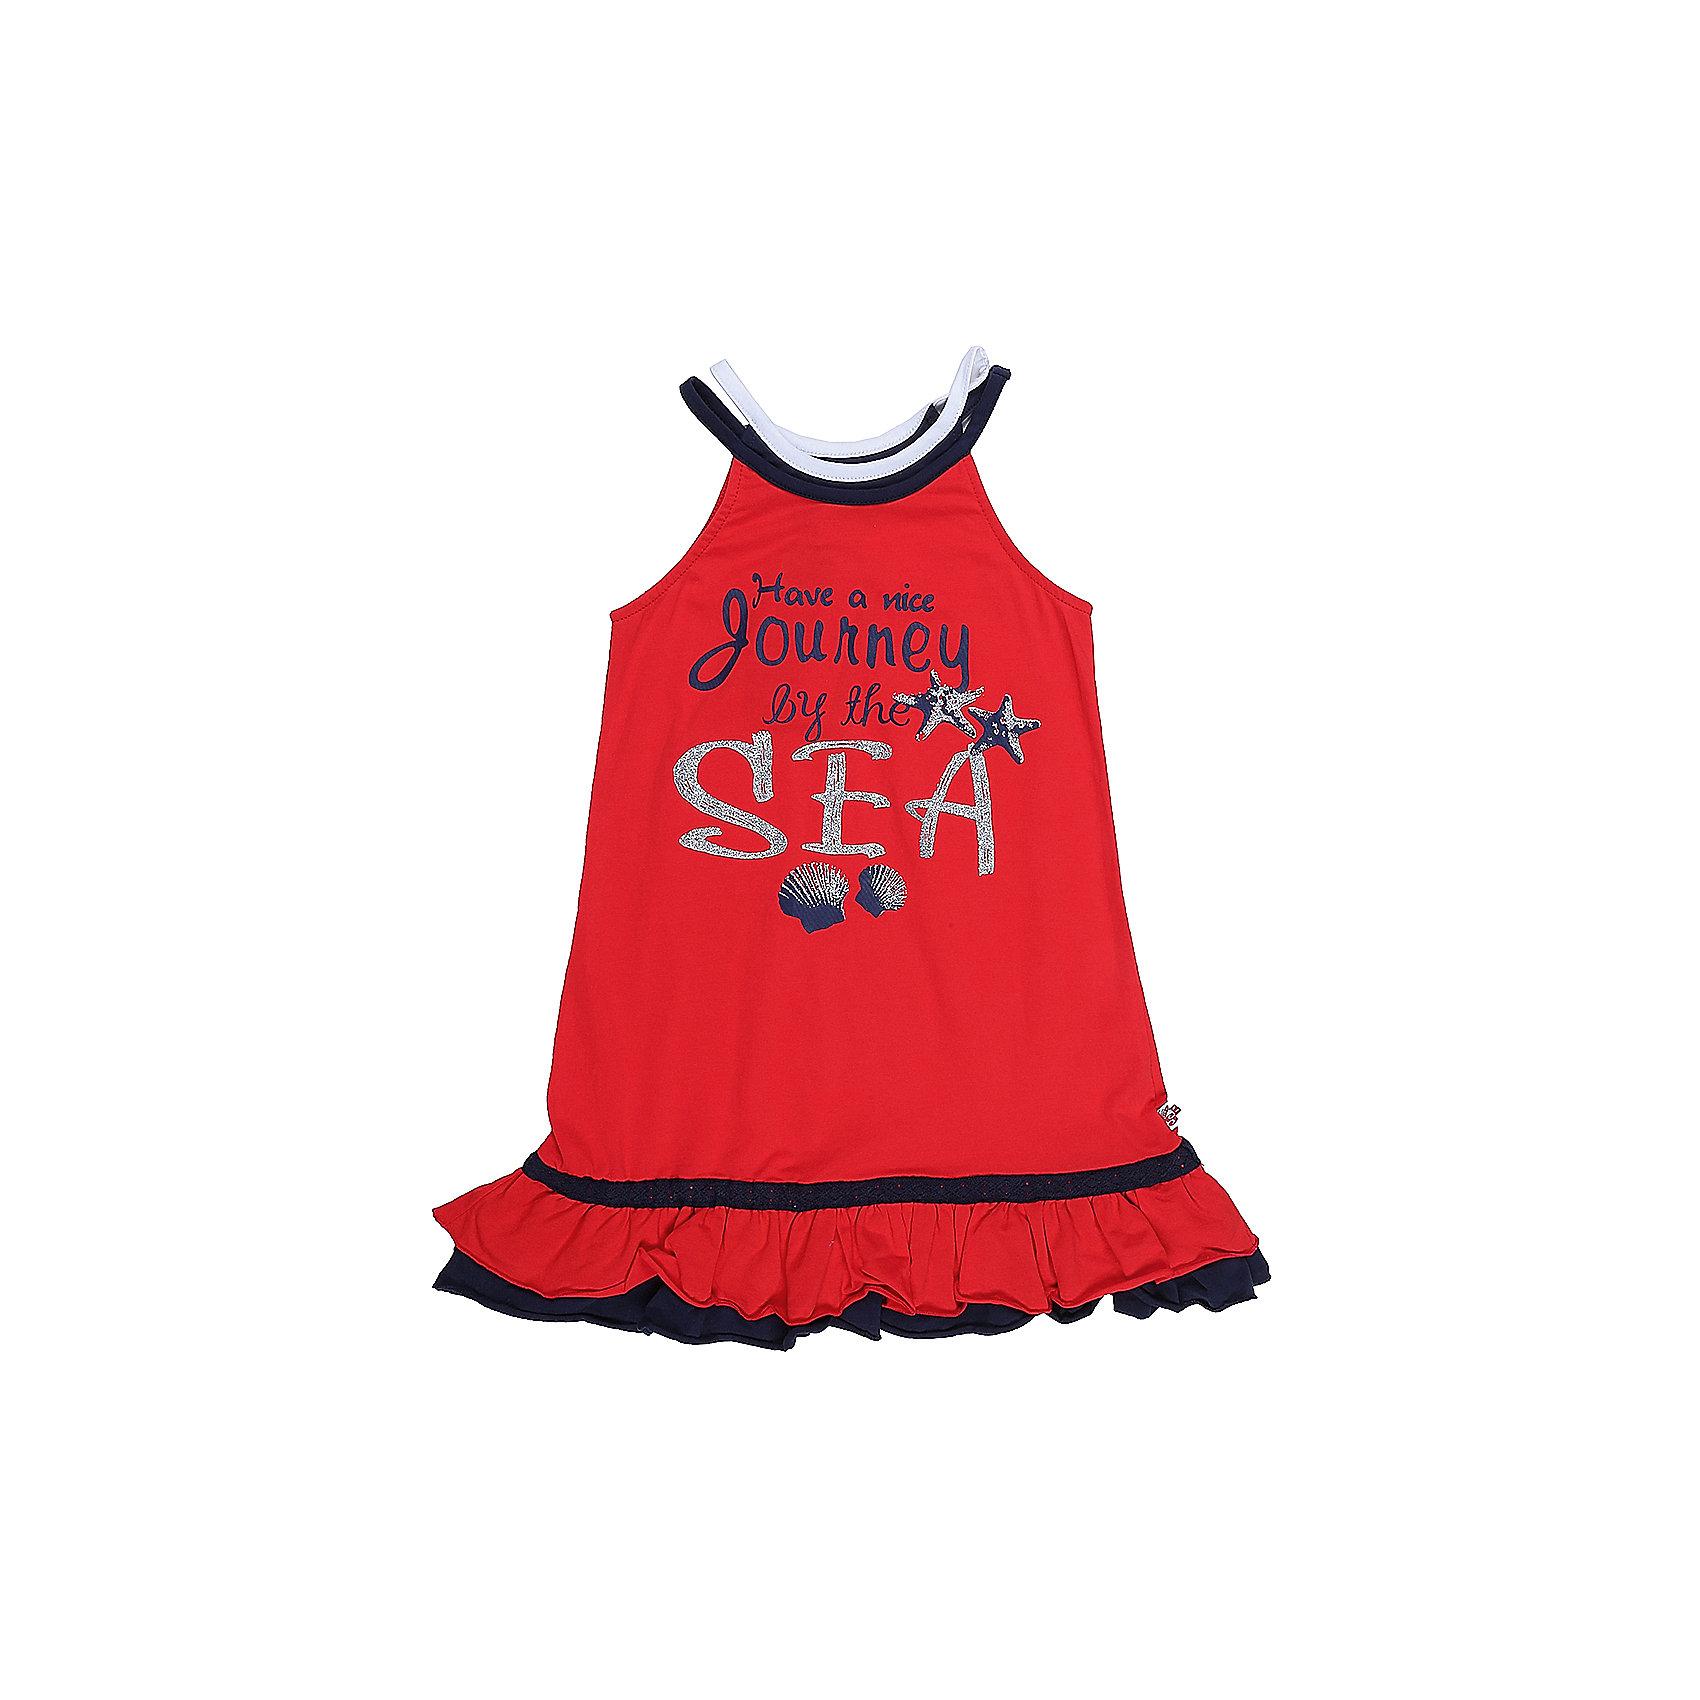 Платье для девочки Sweet BerryЛетние платья и сарафаны<br>Яркое трикотажное платье на лямках для девочки декорированное оригинальным принтом.  Низ изделия выделен двухслойным воланом и контрастной отстрочкой.<br>Состав:<br>95%хлопок 5%эластан<br><br>Ширина мм: 236<br>Глубина мм: 16<br>Высота мм: 184<br>Вес г: 177<br>Цвет: красный<br>Возраст от месяцев: 36<br>Возраст до месяцев: 48<br>Пол: Женский<br>Возраст: Детский<br>Размер: 104,98,110,116,122,128<br>SKU: 5411845